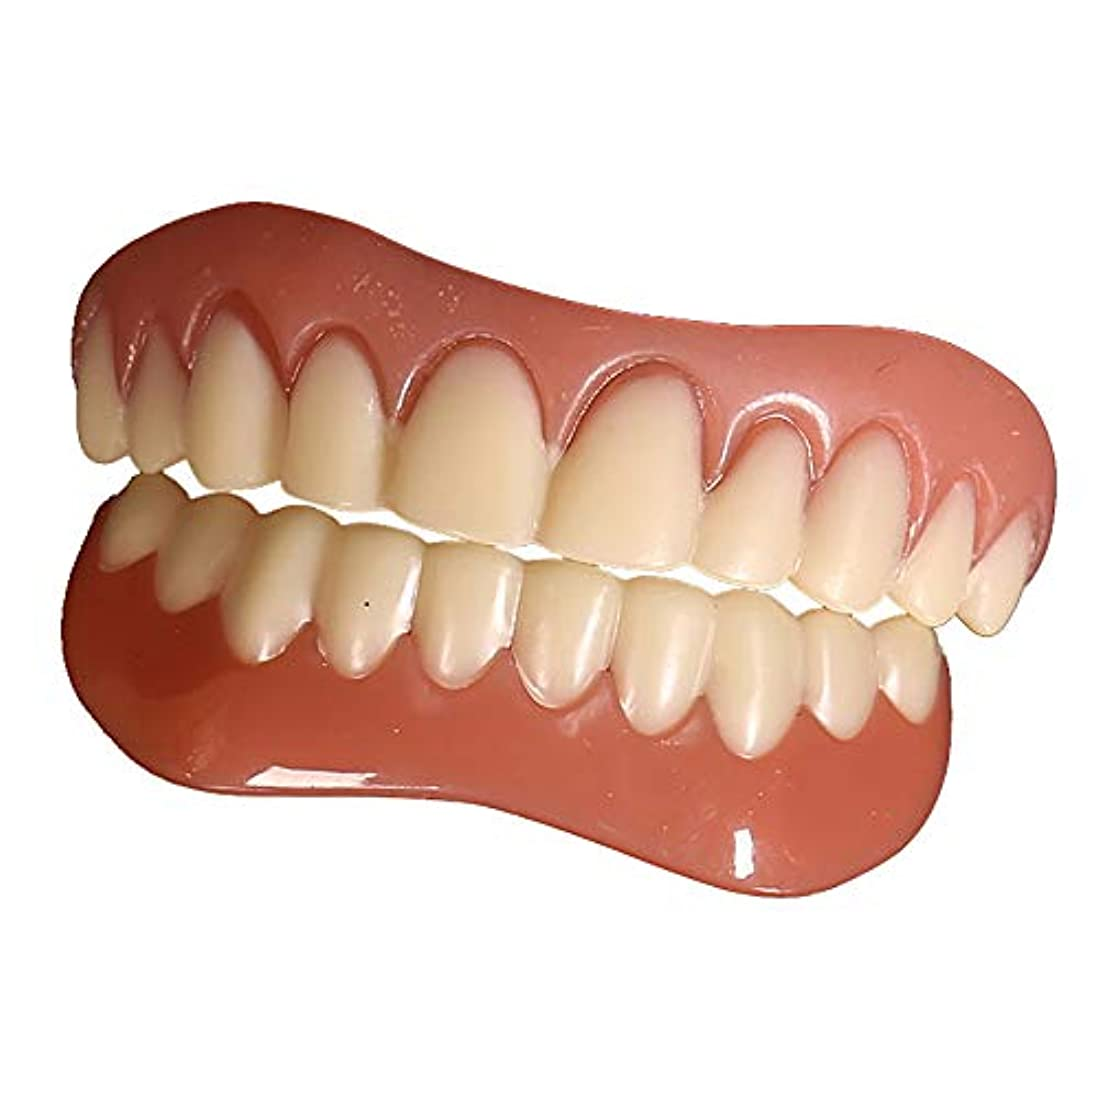 吹雪医学返還パーフェクトインスタントスマイルティースベニヤインスタントビューティー2本入れ歯2本下歯(フリーサイズ(中))